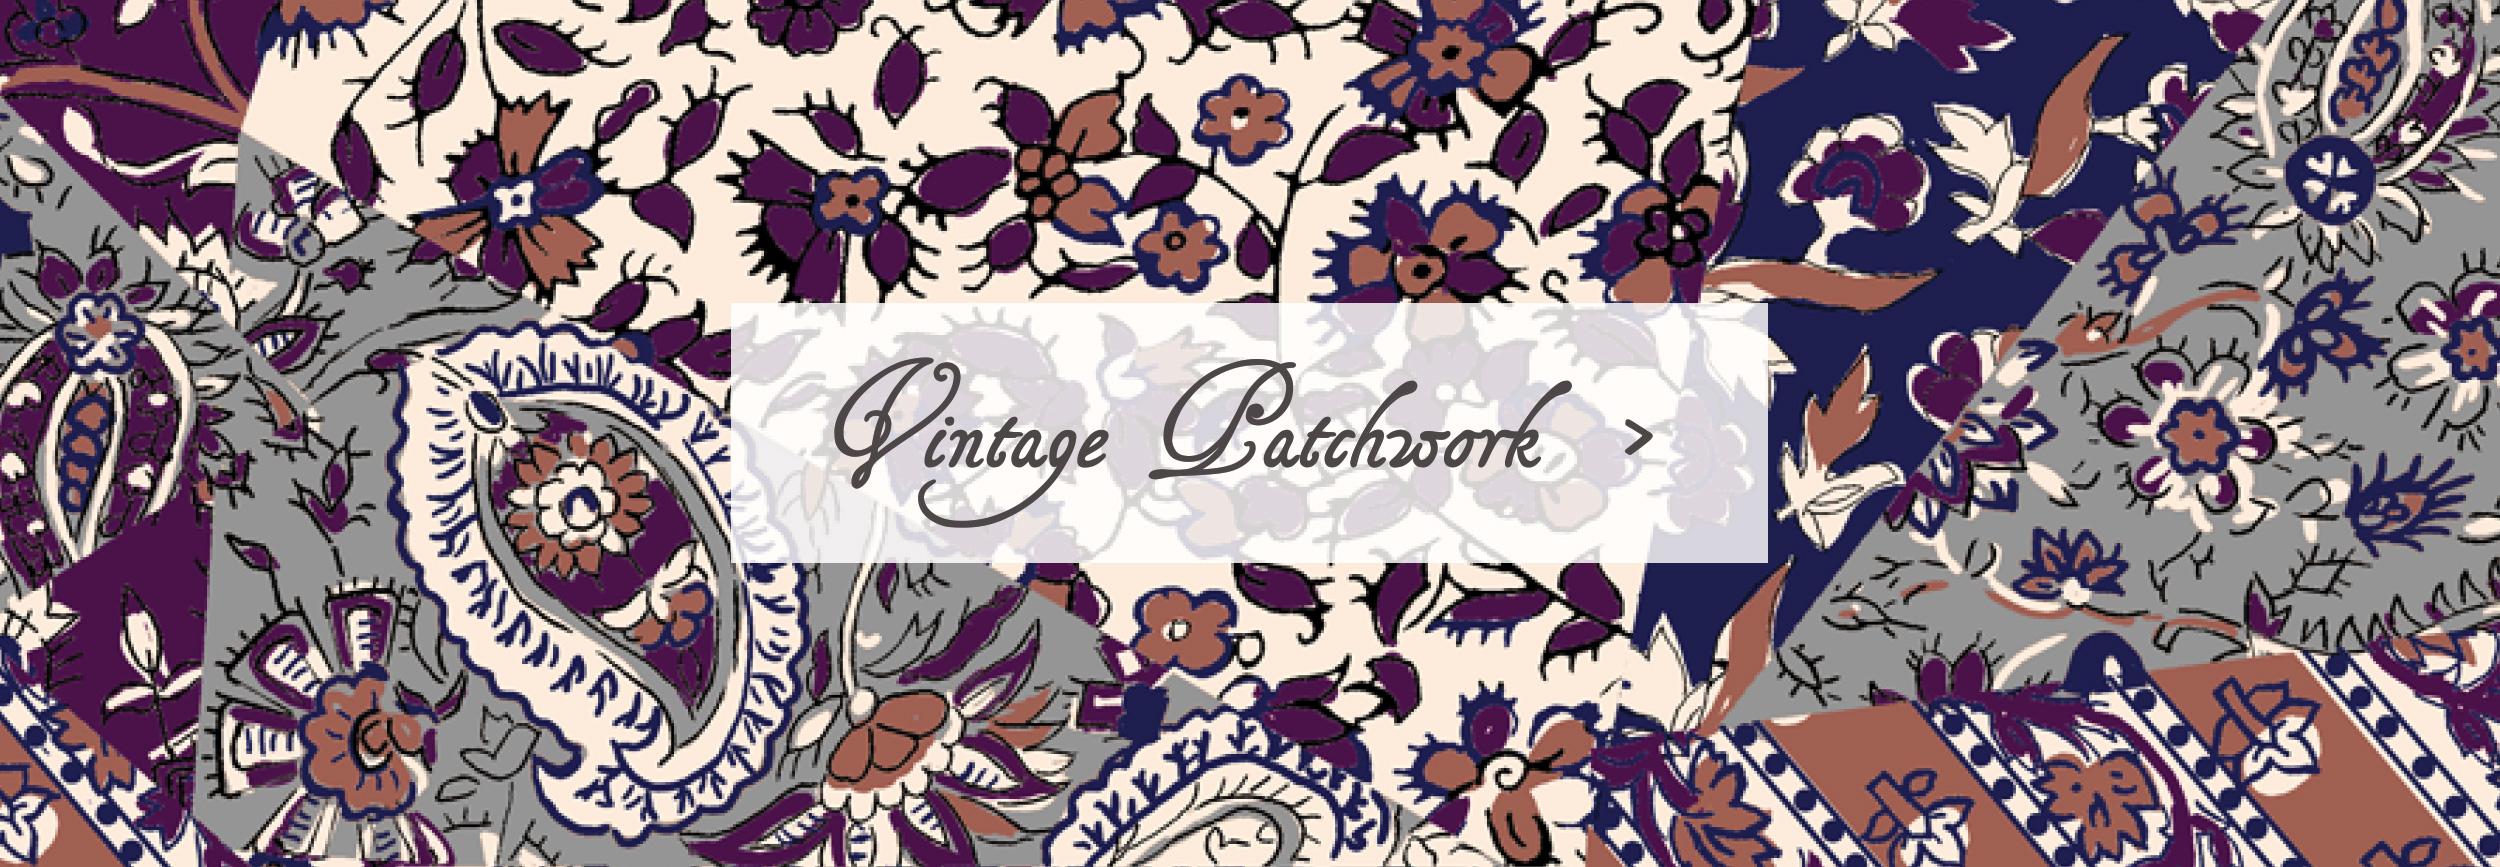 Vintage Patchwork Sleeping Bag Beauties Pattern Print